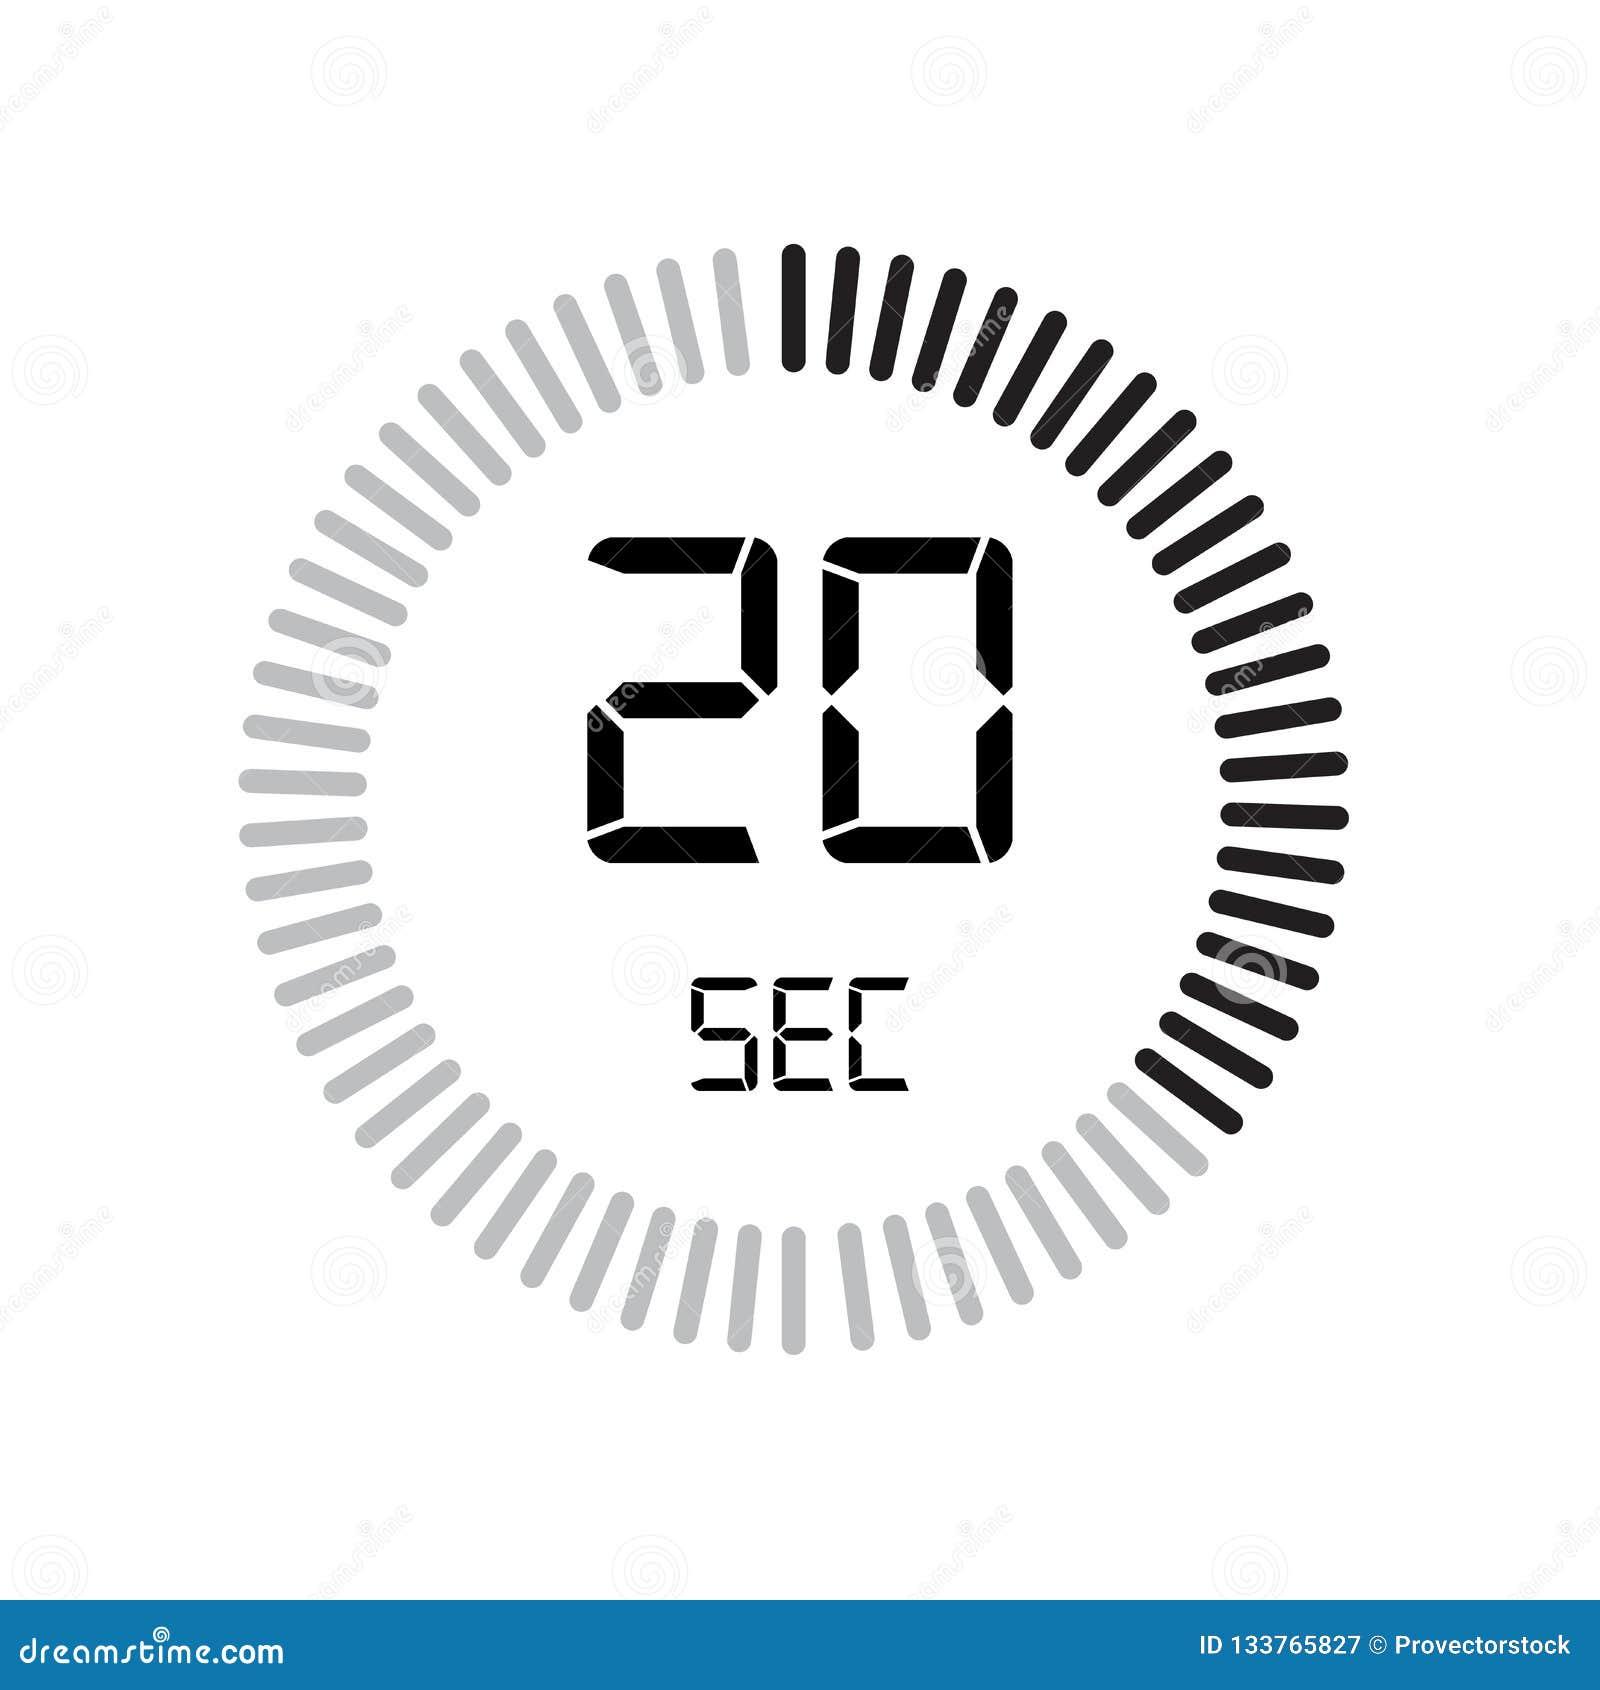 Het 20 secondenpictogram, digitale tijdopnemer klok en horloge, tijdopnemer, coun